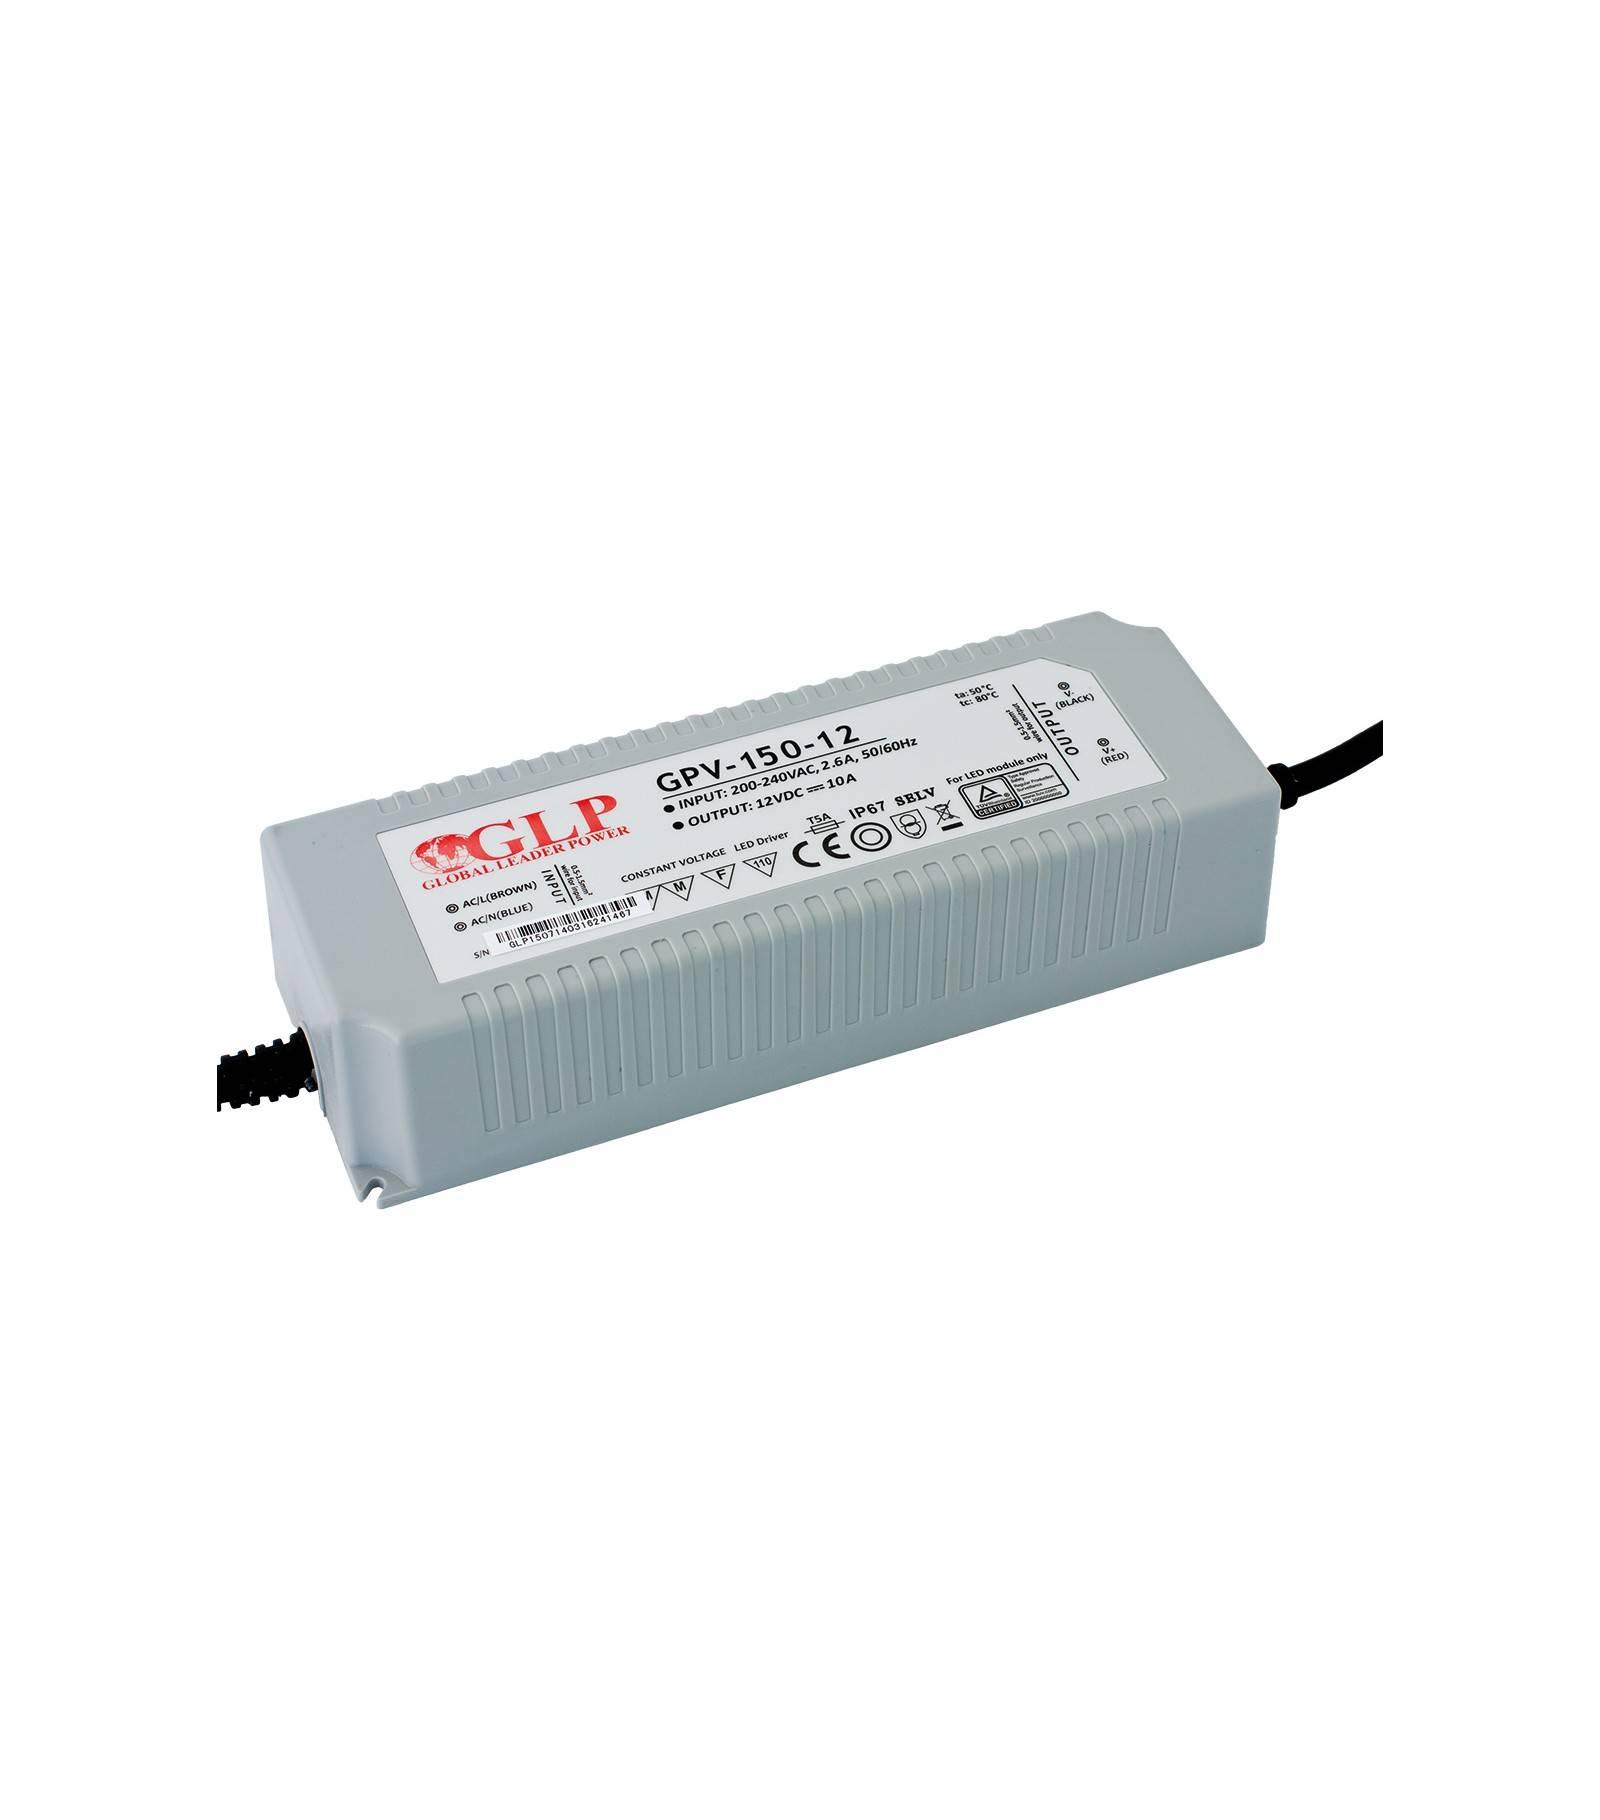 GLP Transformateur spécial Led 12V de 150W GPV-150-12 GLP - GLP-GPV-150-12